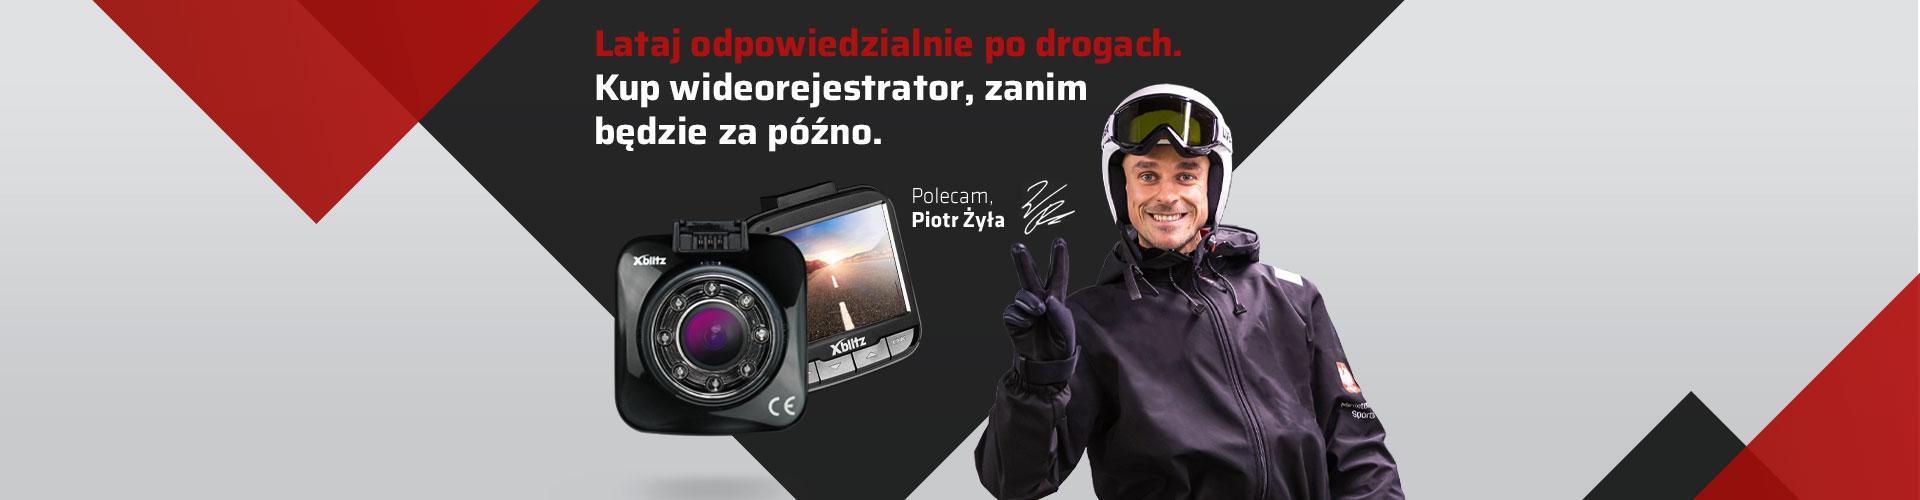 Baner - Piotr Żyła poleca